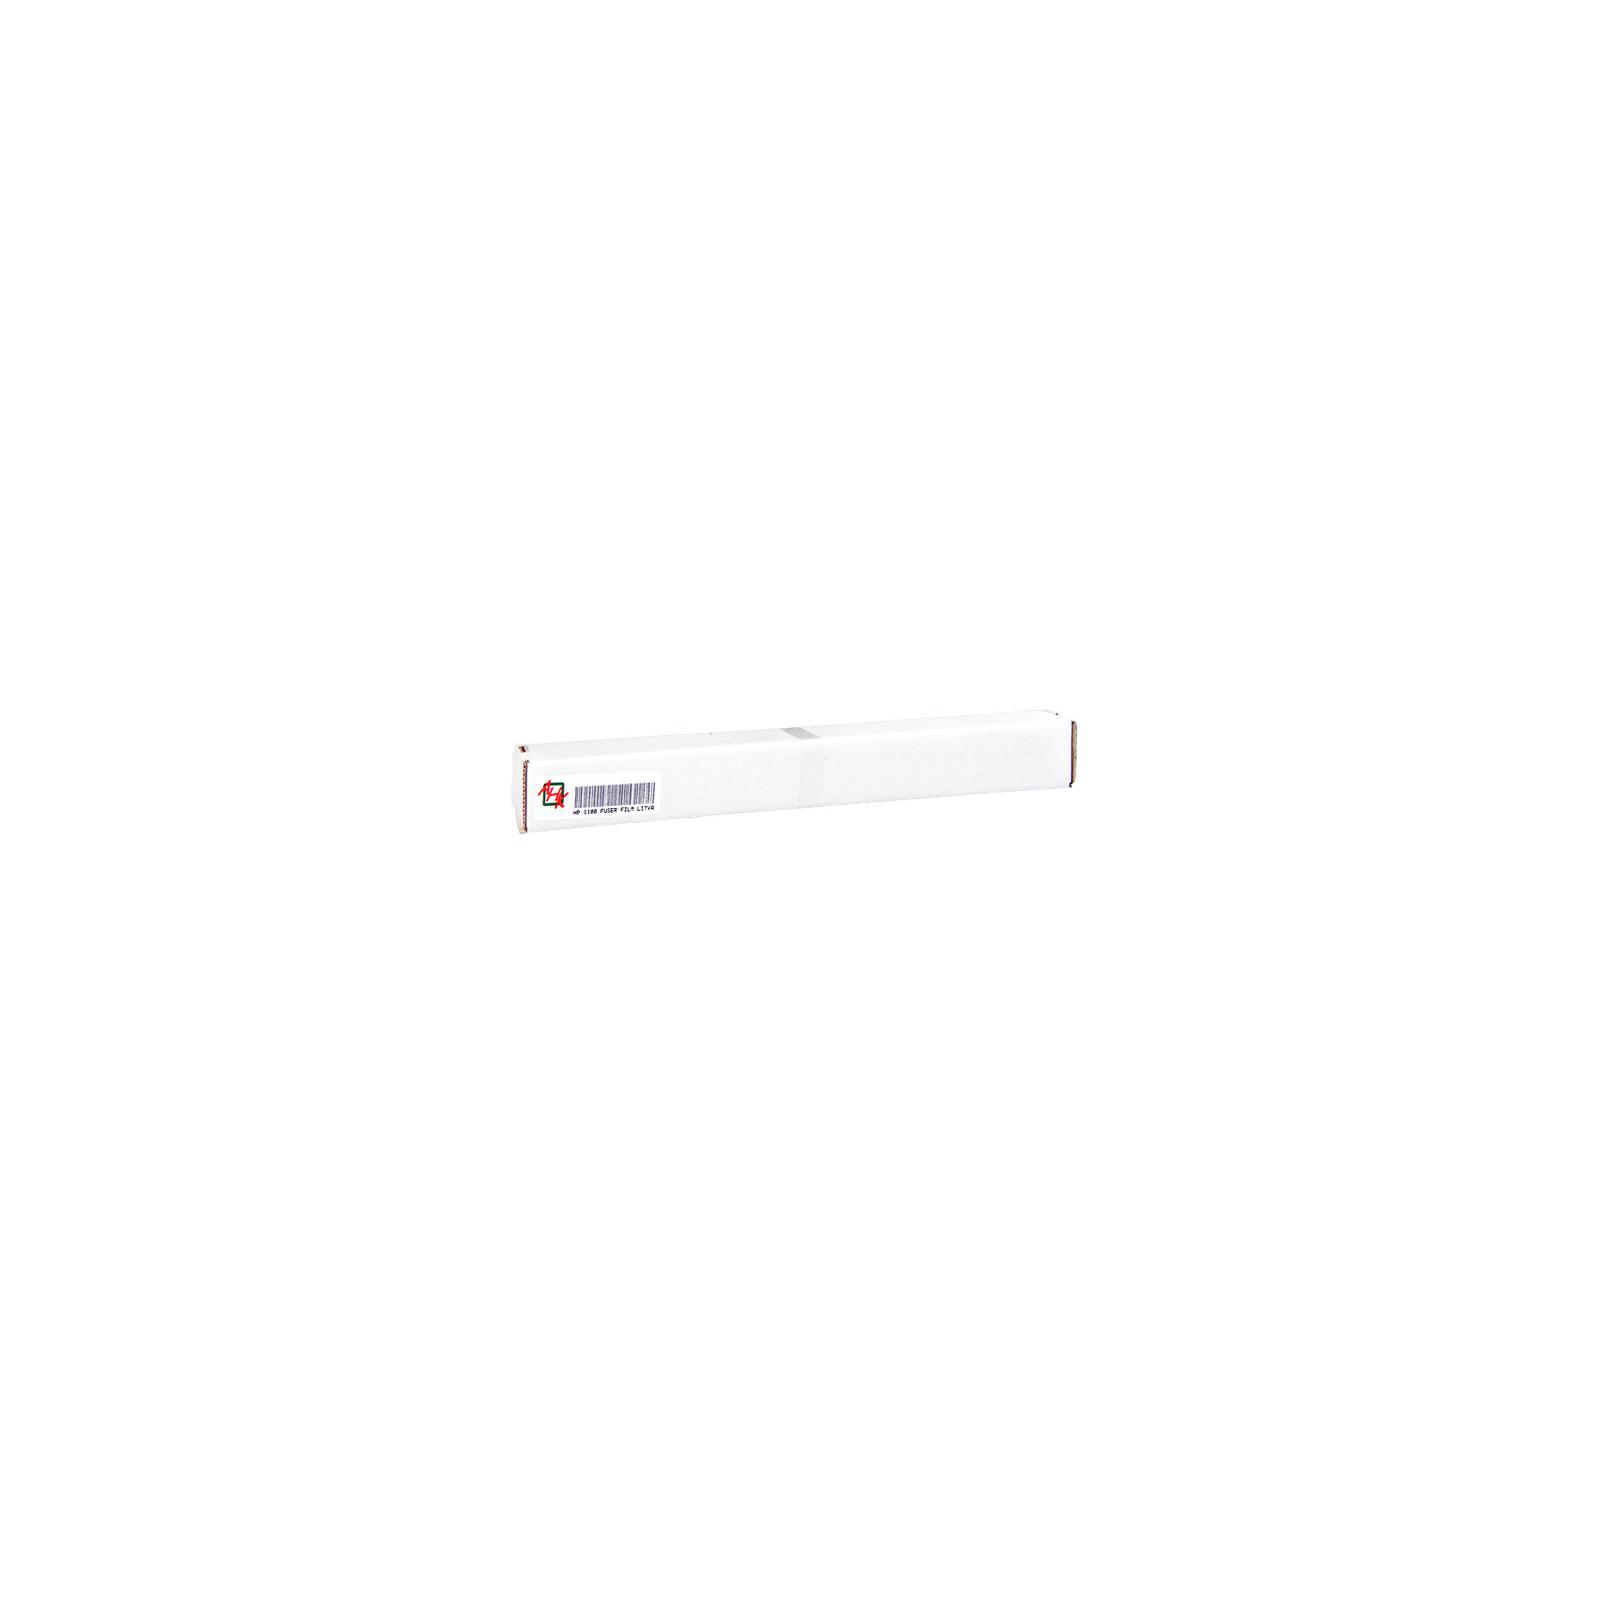 Термопленка HP LJ 1100/3200/4000 (230 mm) VTC (WWMID-25897)